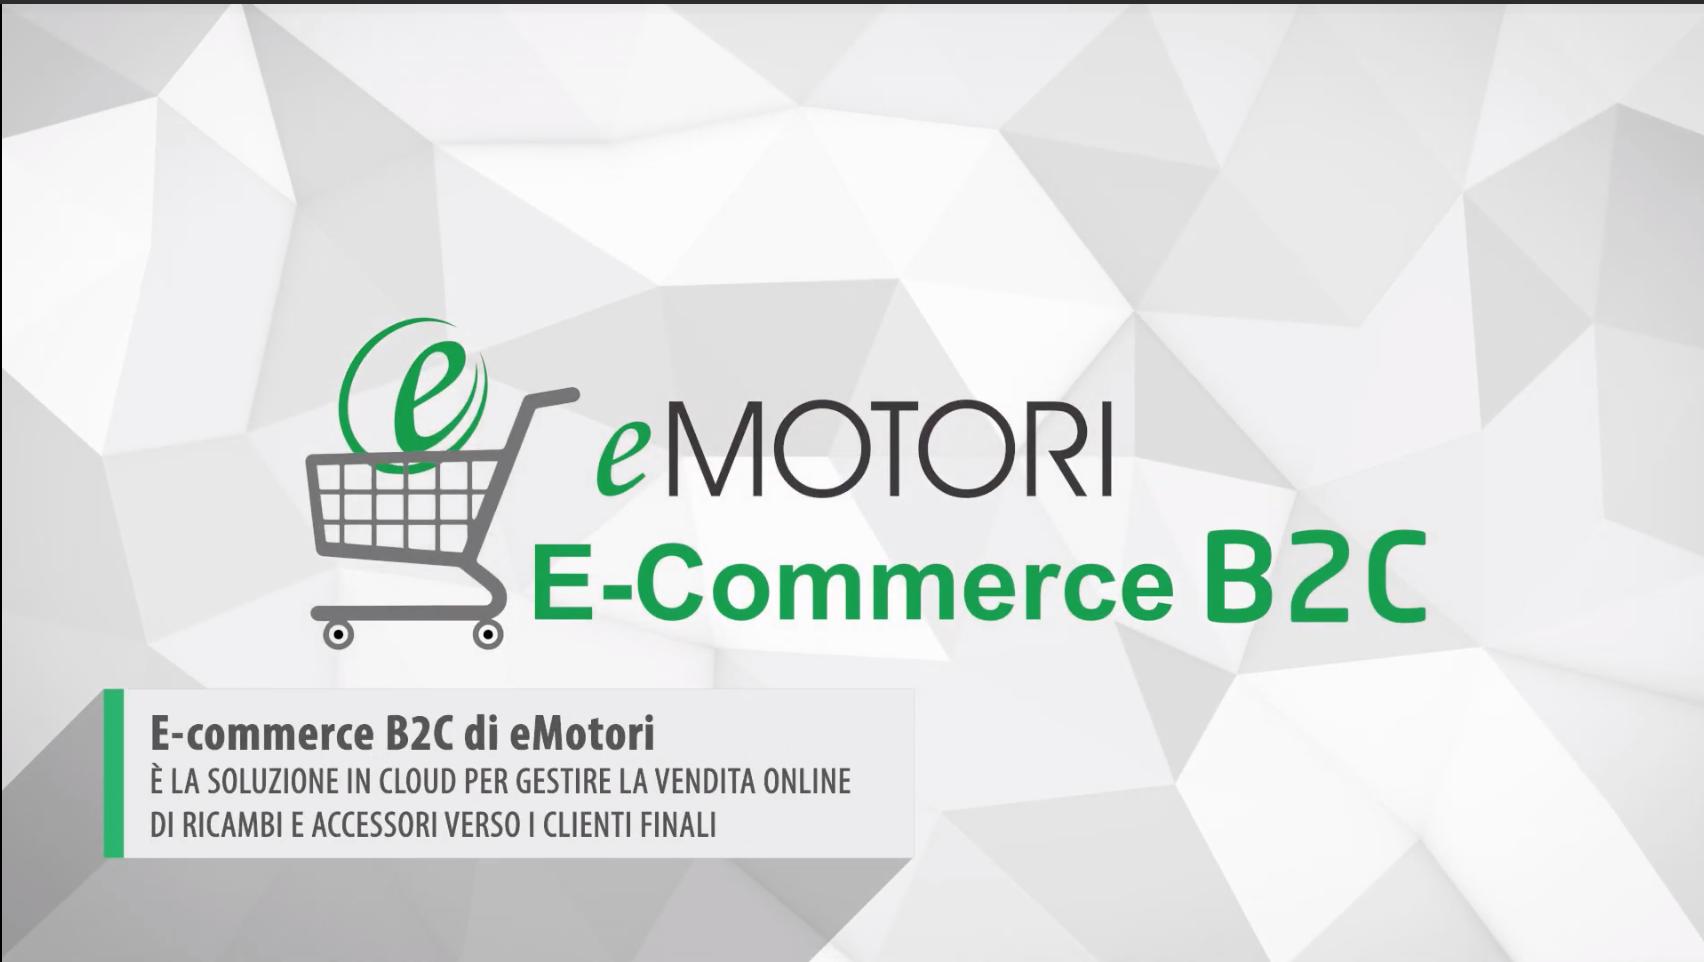 L'e-commerce B2C di eMotori: caratteristiche e vantaggi